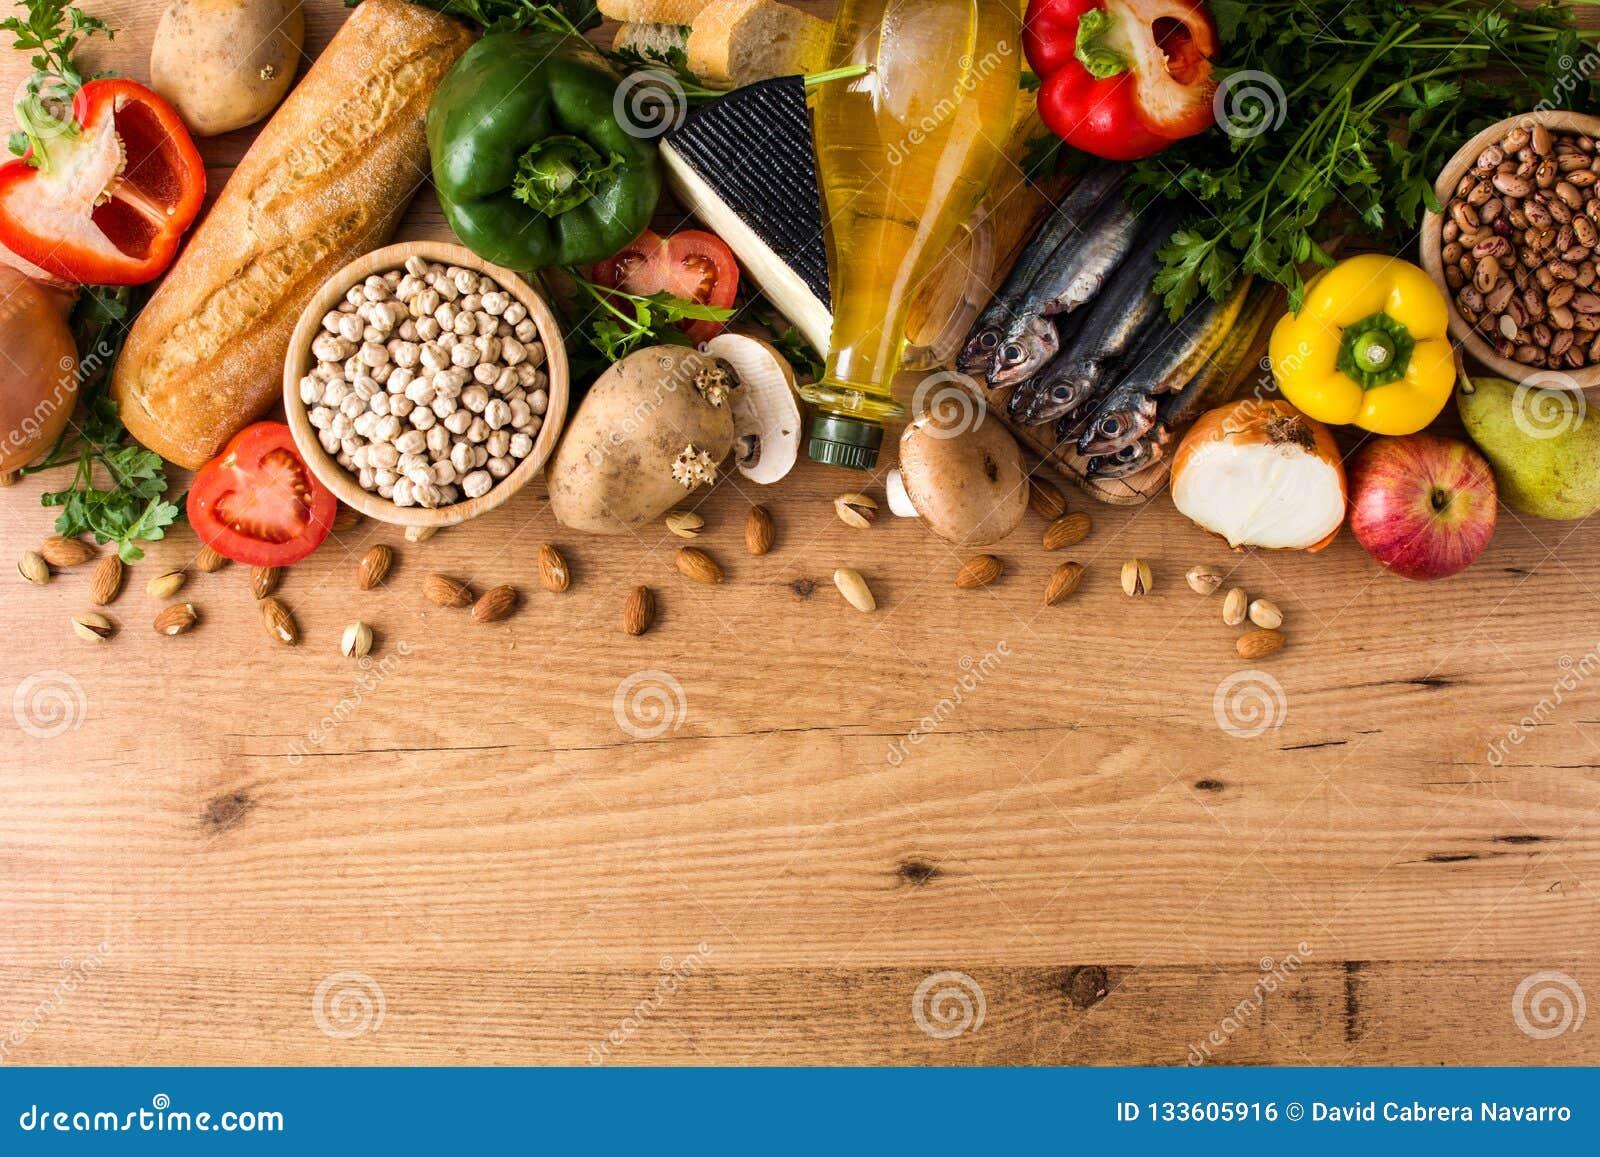 κατανάλωση υγιής Μεσόγειος σιτηρεσίου Φρούτα, λαχανικά, σιτάρι, ελαιόλαδο καρυδιών και ψάρια στο ξύλο